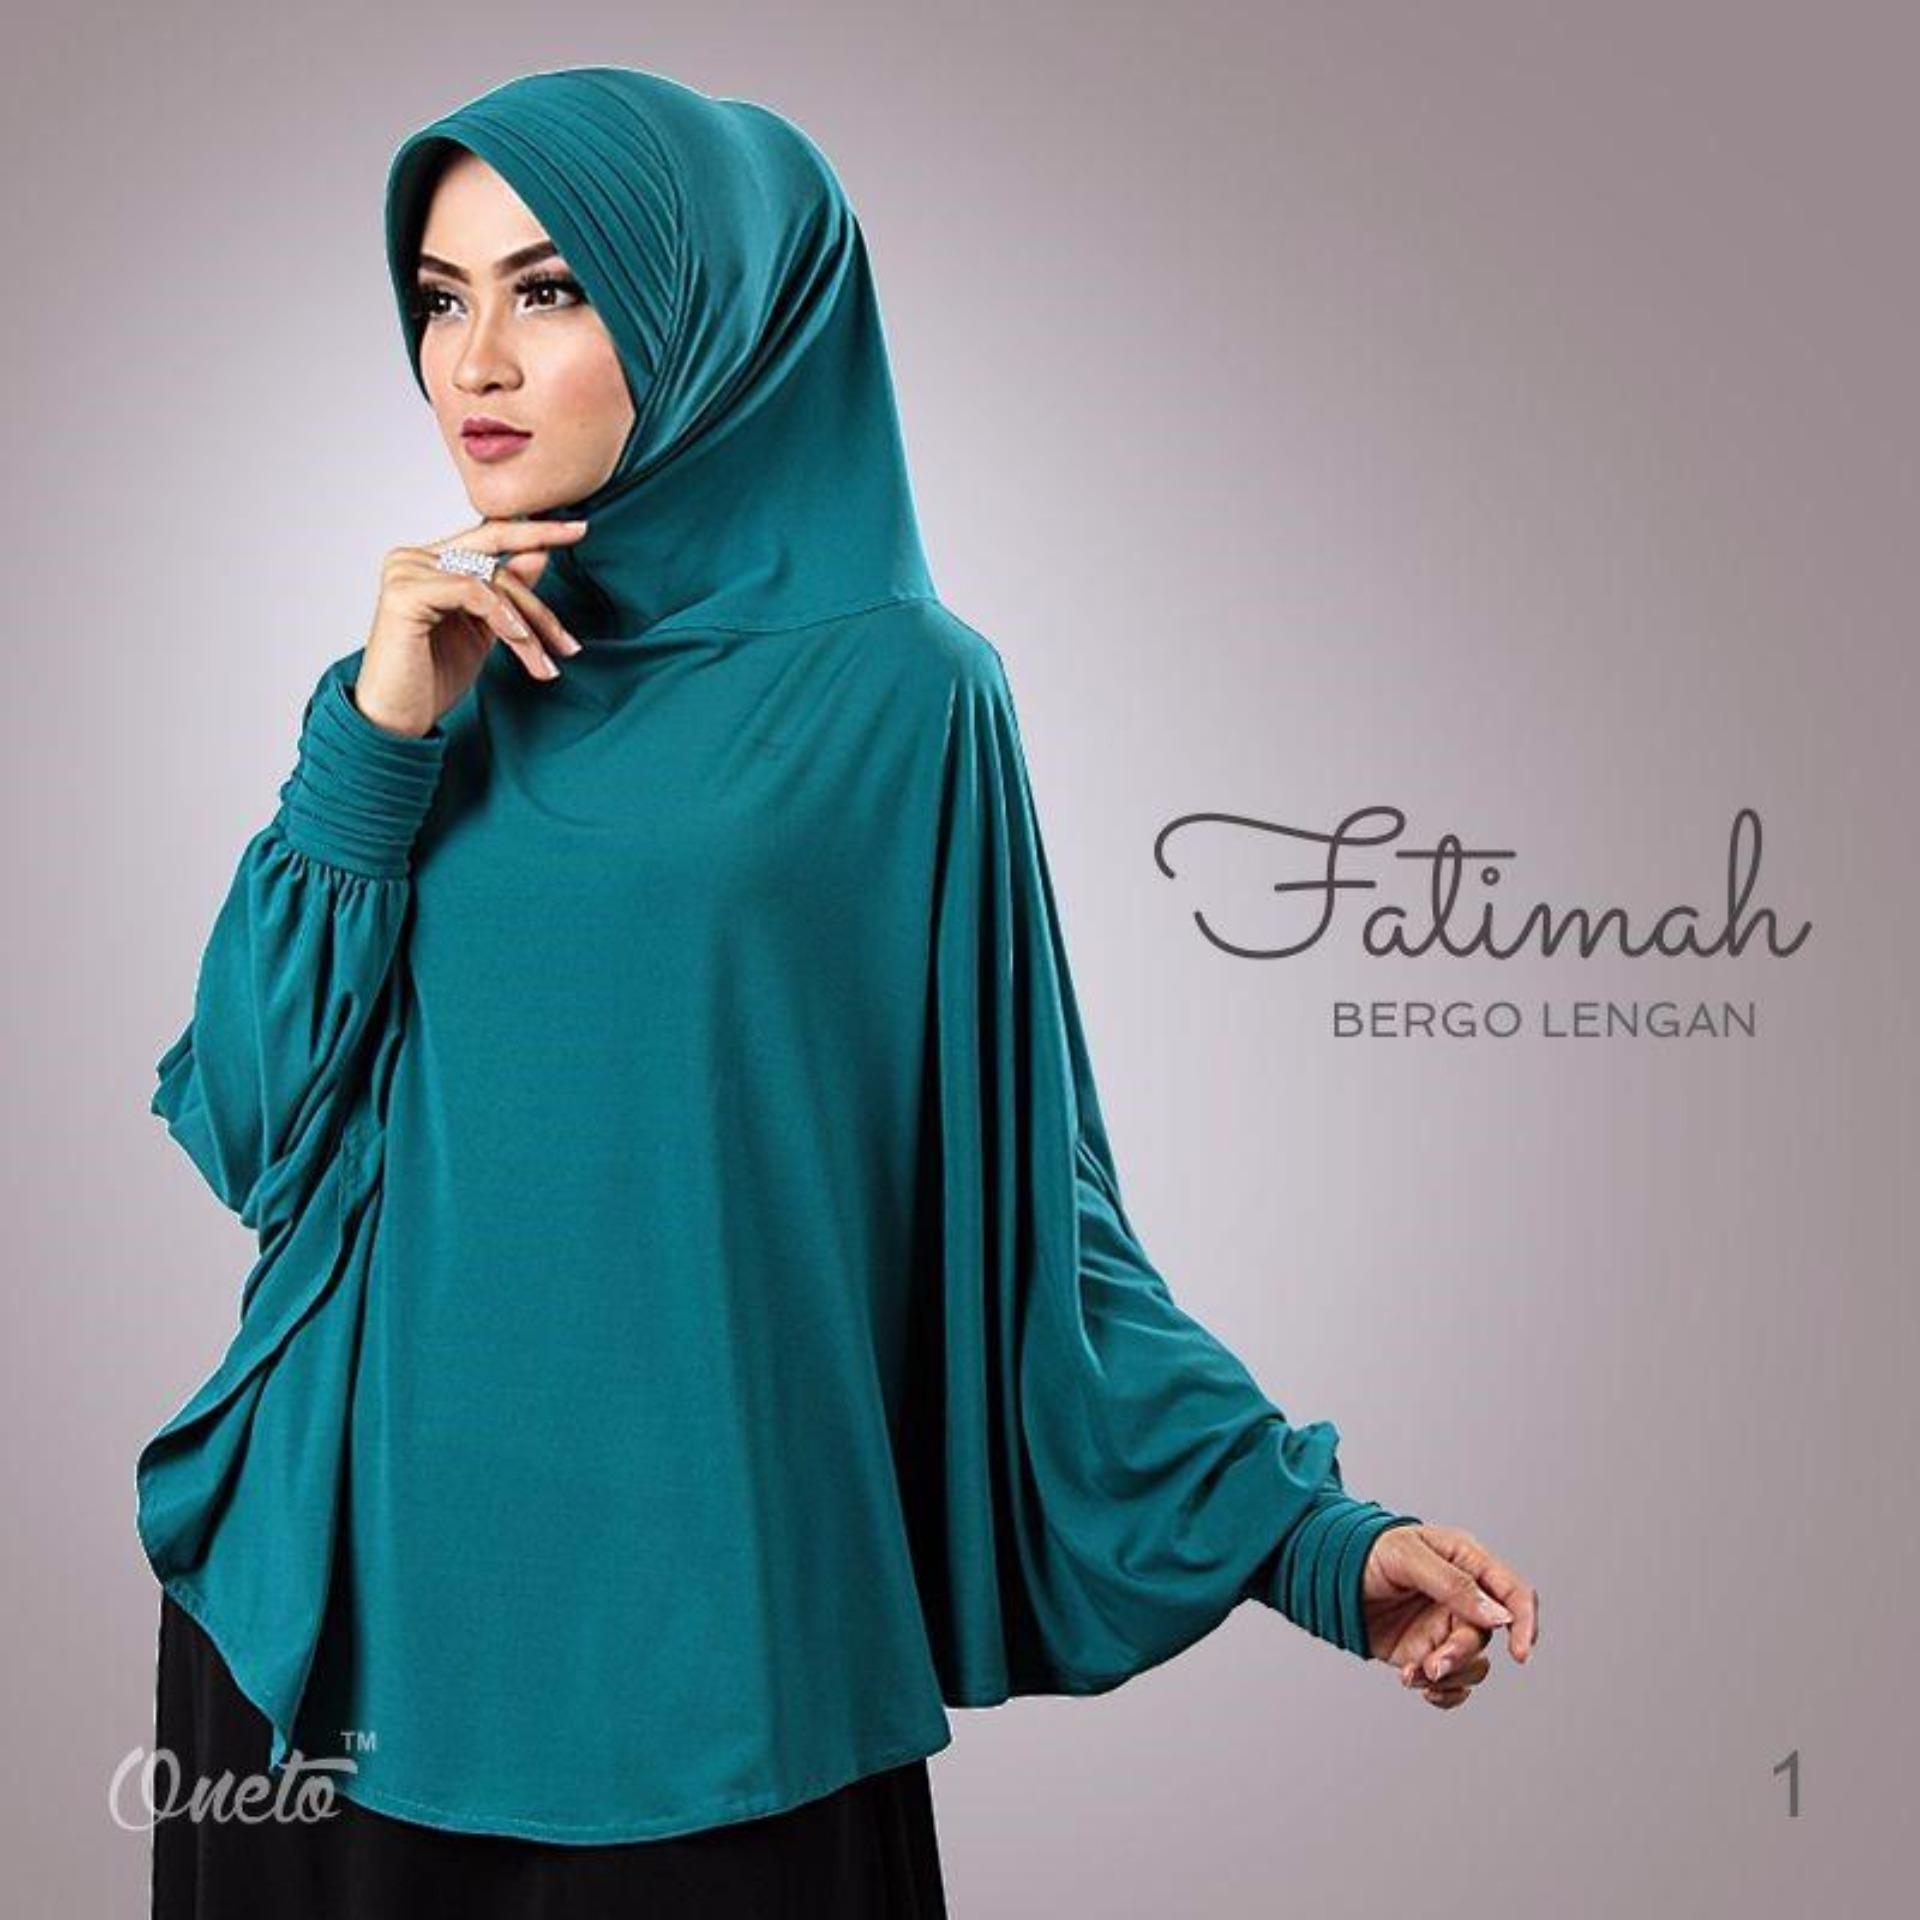 Periksa Peringkat Jilbab Instan Kerudung Hijab Bergo Lengan Fatimah Tosca